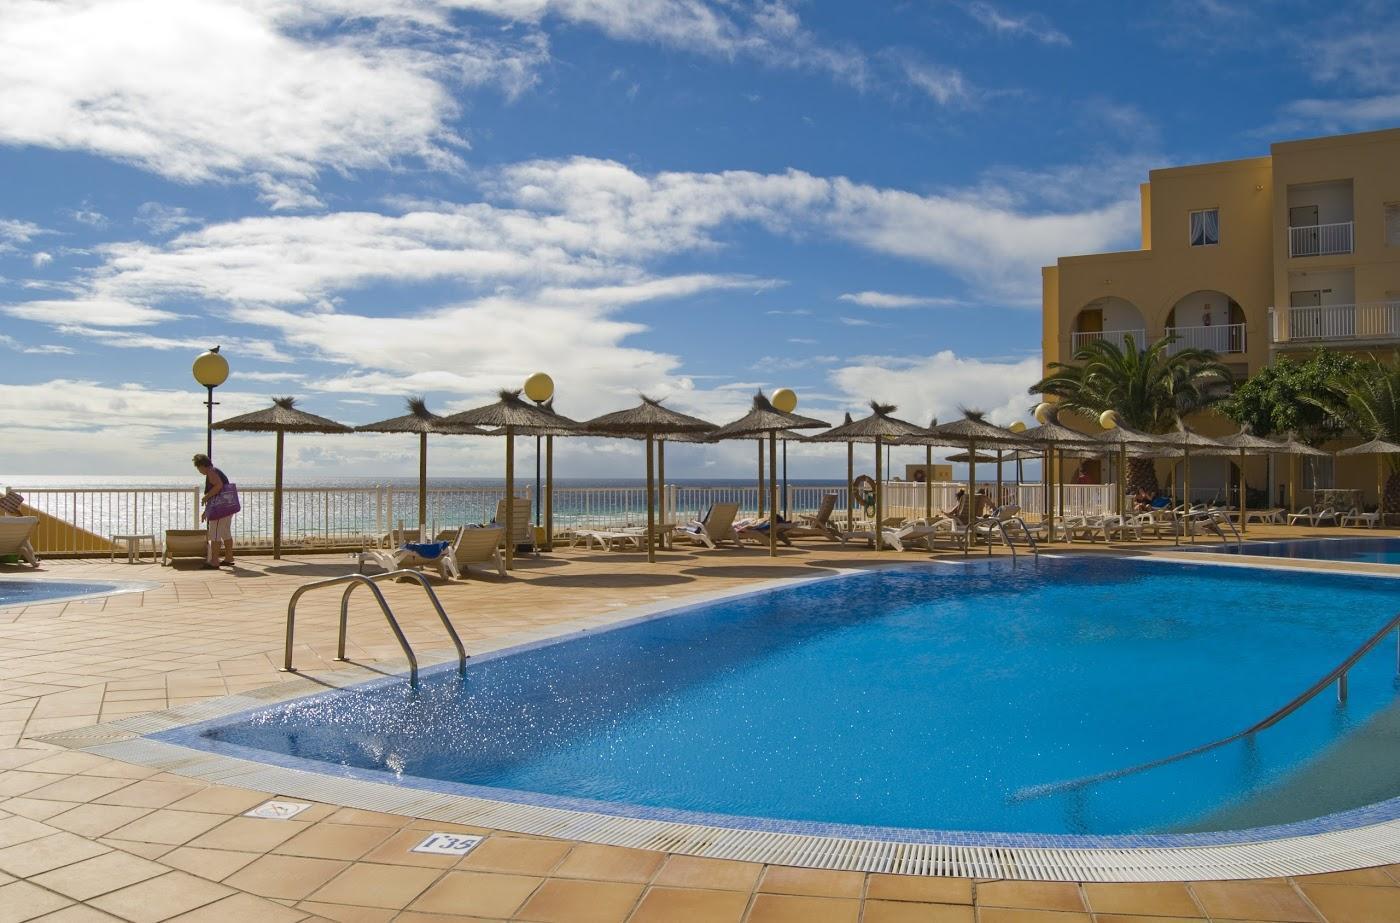 Hotel sbh jandia resort en morro jable fuerteventura viajes carrefour - Apartamentos todo incluido fuerteventura ...